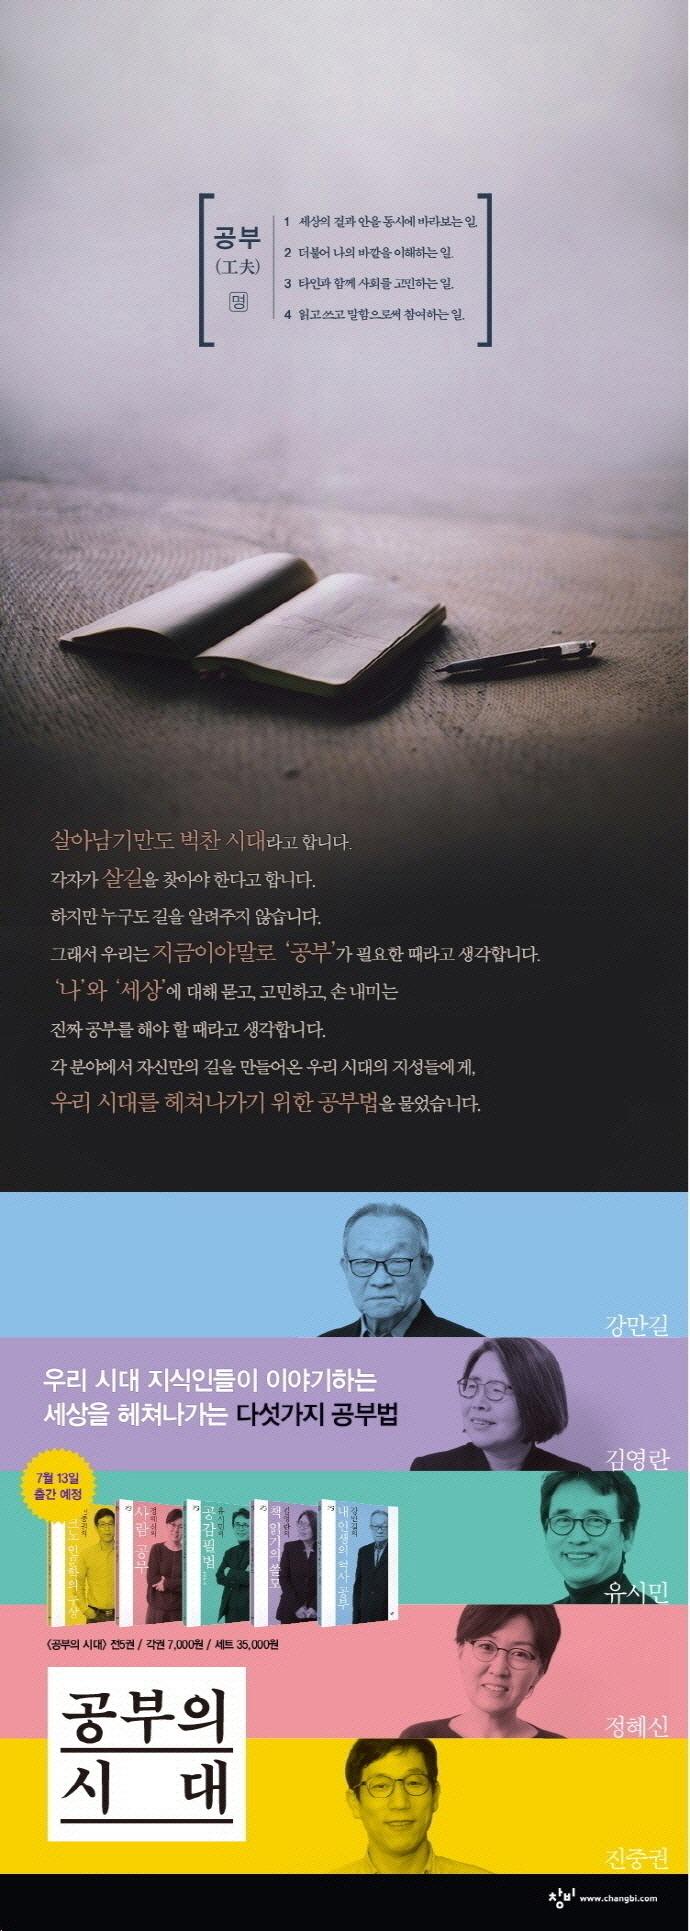 김영란의 책 읽기의 쓸모(공부의 시대)(양장본 HardCover) 도서 상세이미지